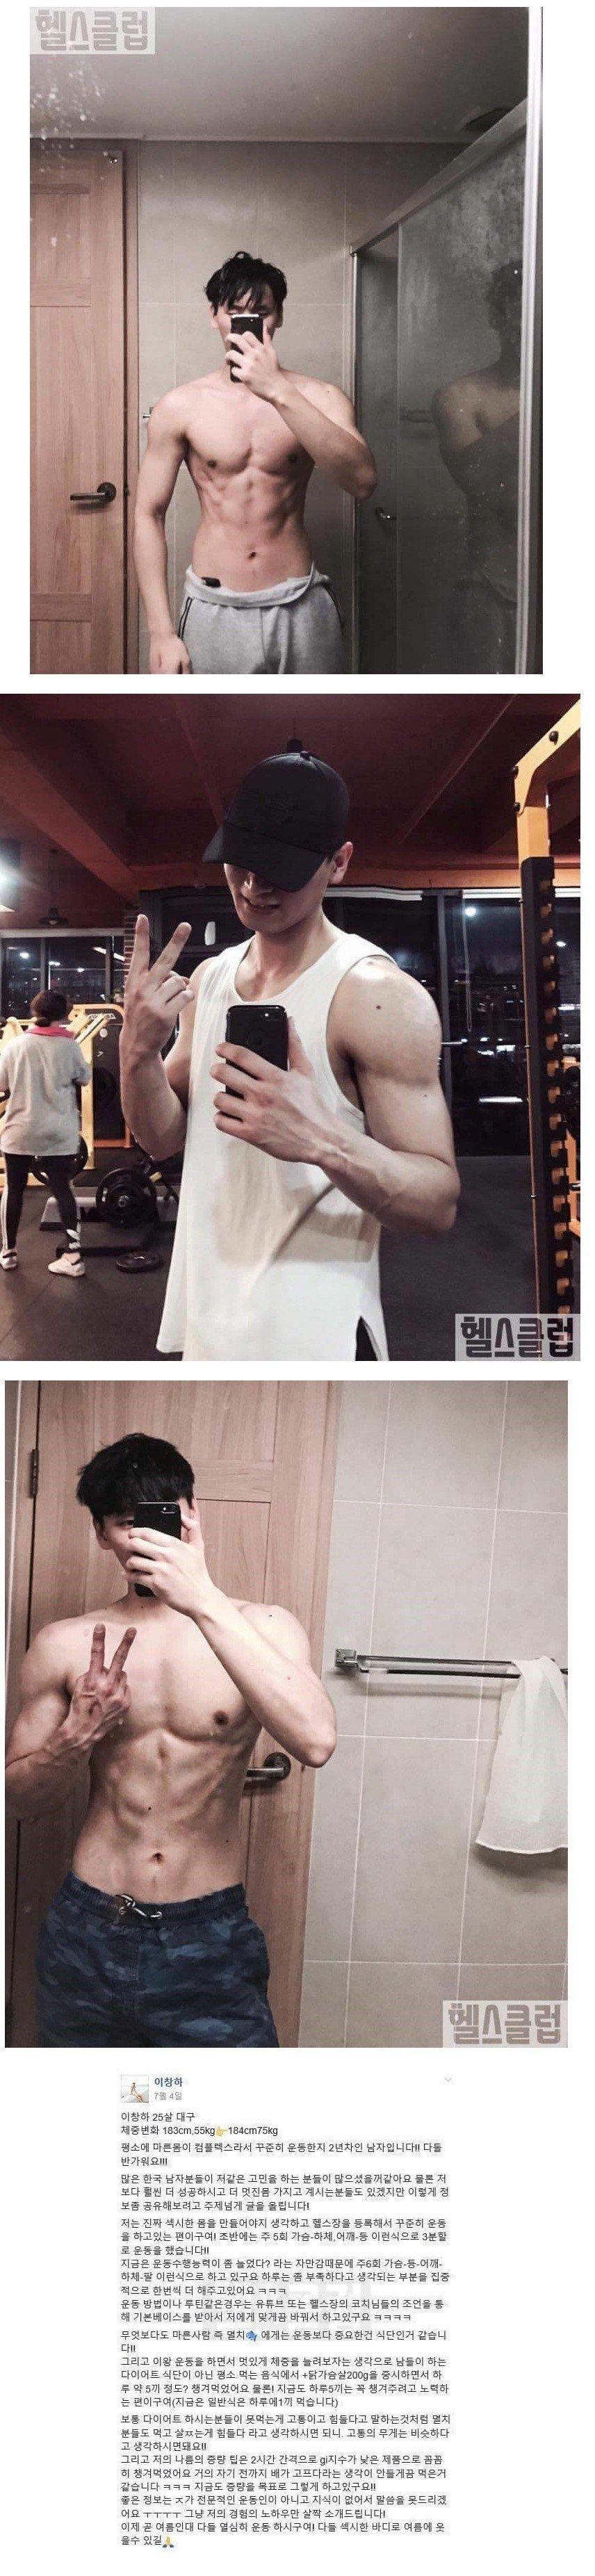 20180516000618_kzntgzsb.jpg 마른 남자의 2년간의 몸변화